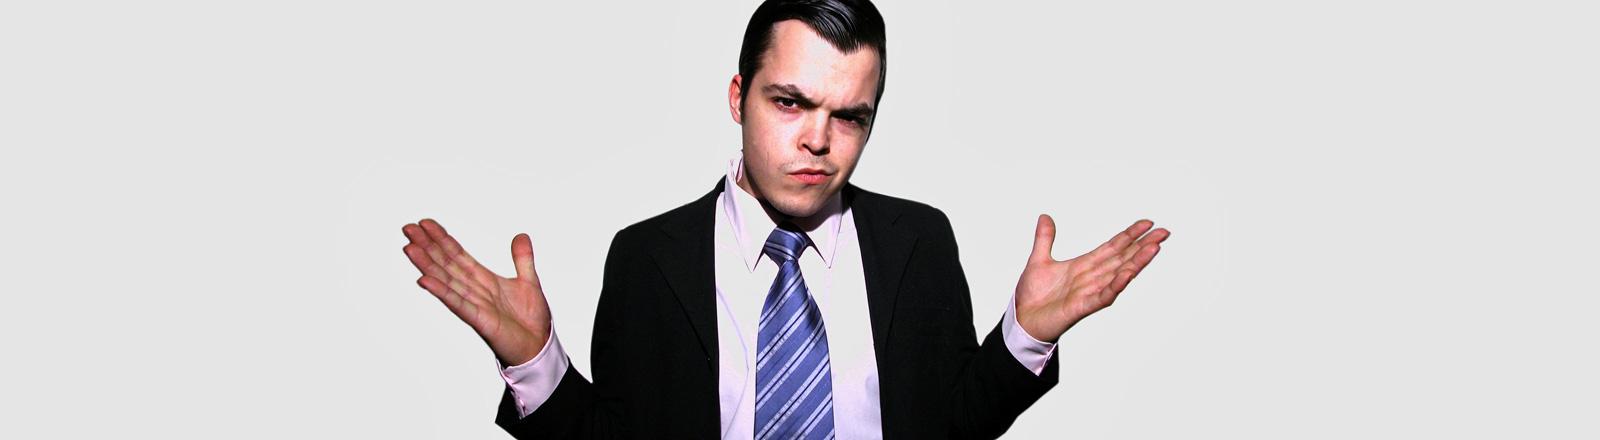 Ein Mann in Anzug und mit Krawatte hat den rechten Mundwinkel nach oben gezogen und hält die Hände geöffnet in die Höhe. Er wirkt herausfordernd und arrogant.